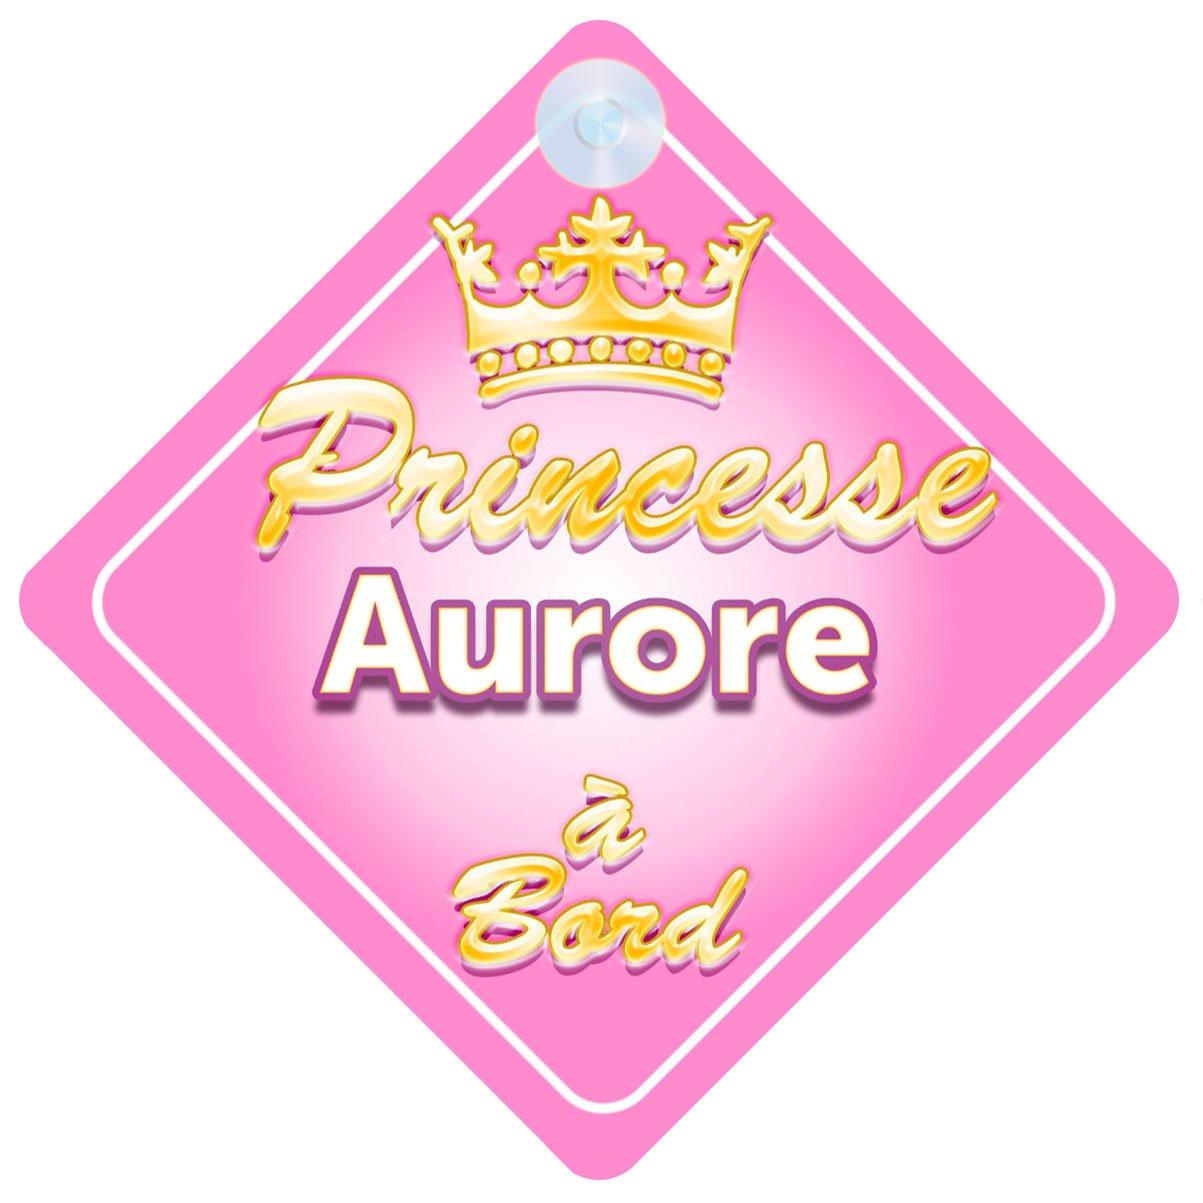 Couronne Princesse Aurore Signe Pour Voiture Enfant/Bébé à Bord Quality Goods Ltd